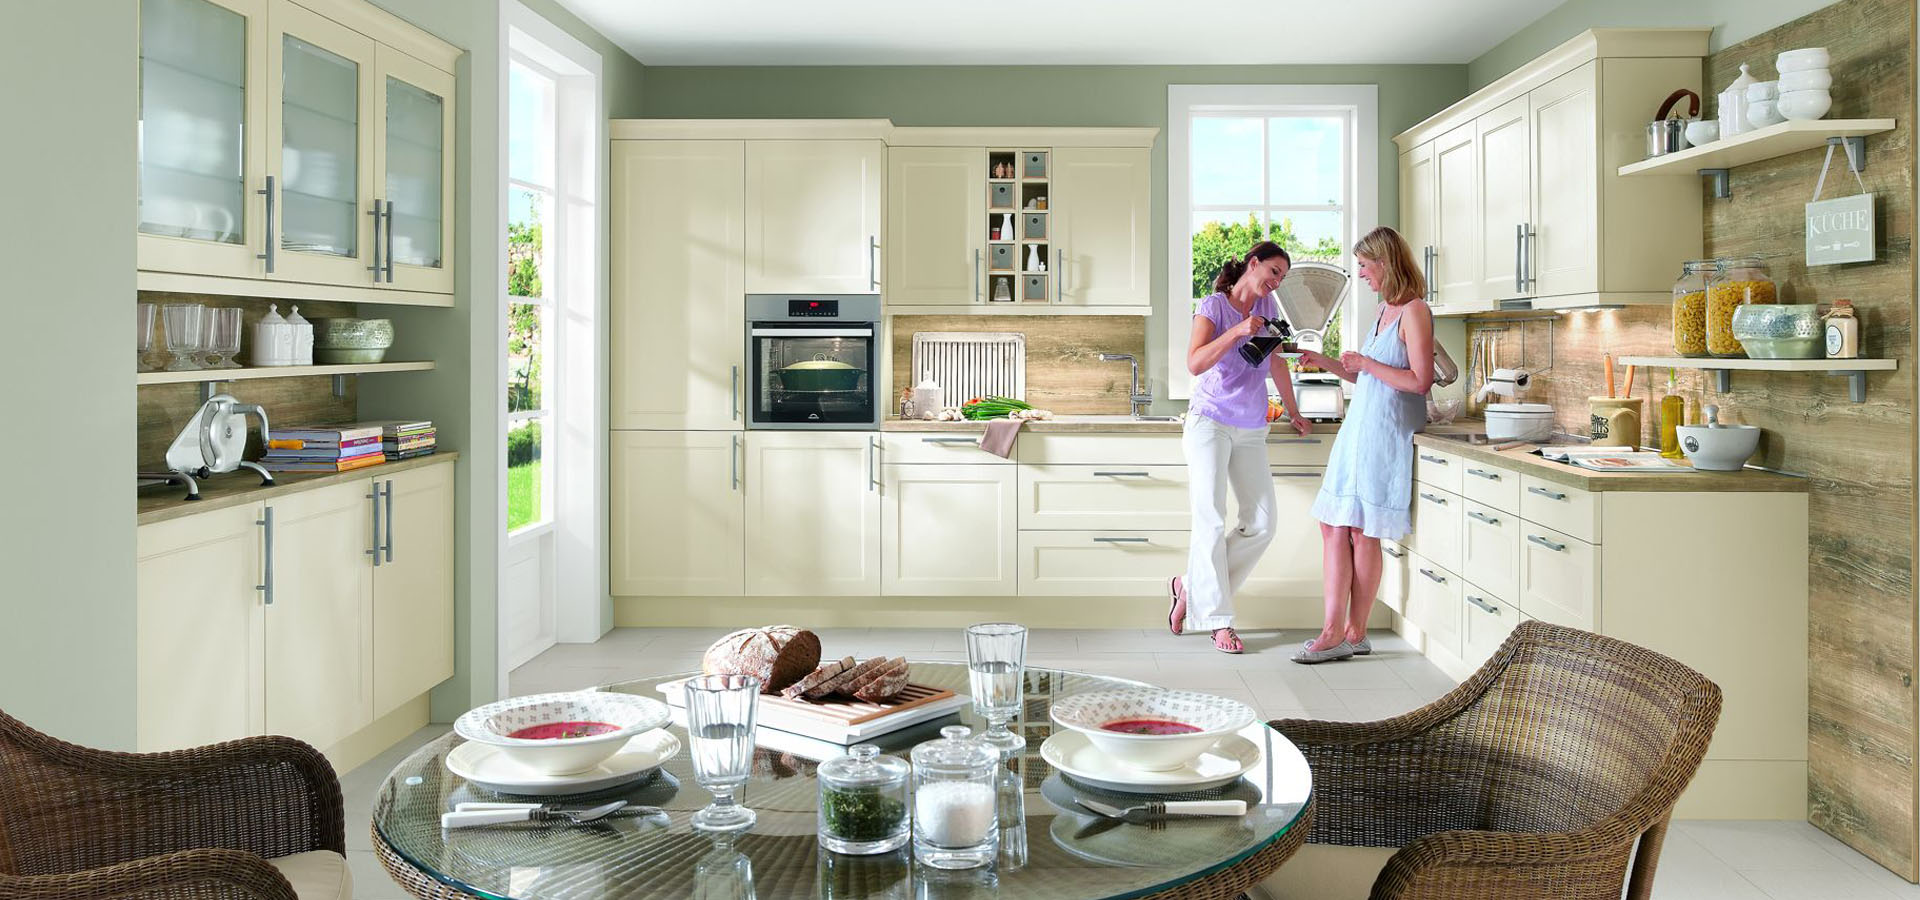 Comprar muebles cocina baratos beautiful muebles with for Comprar gabinetes de cocina